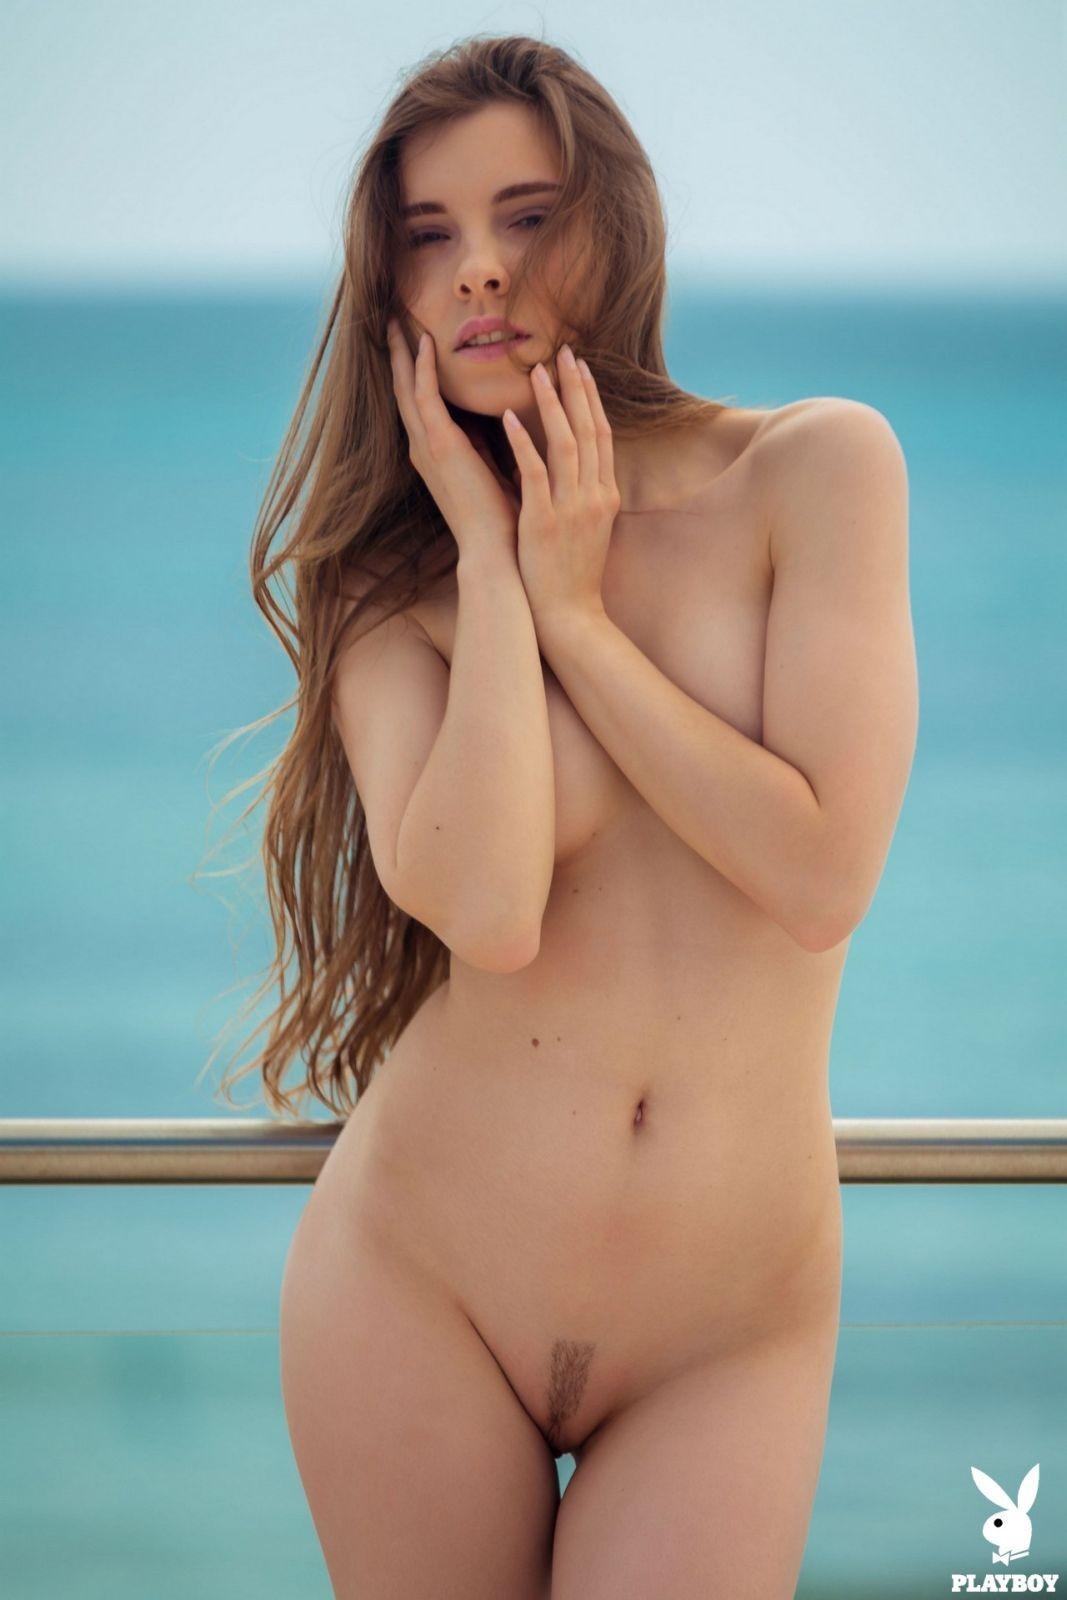 Сногсшибательная девушка с красивым телом - фото